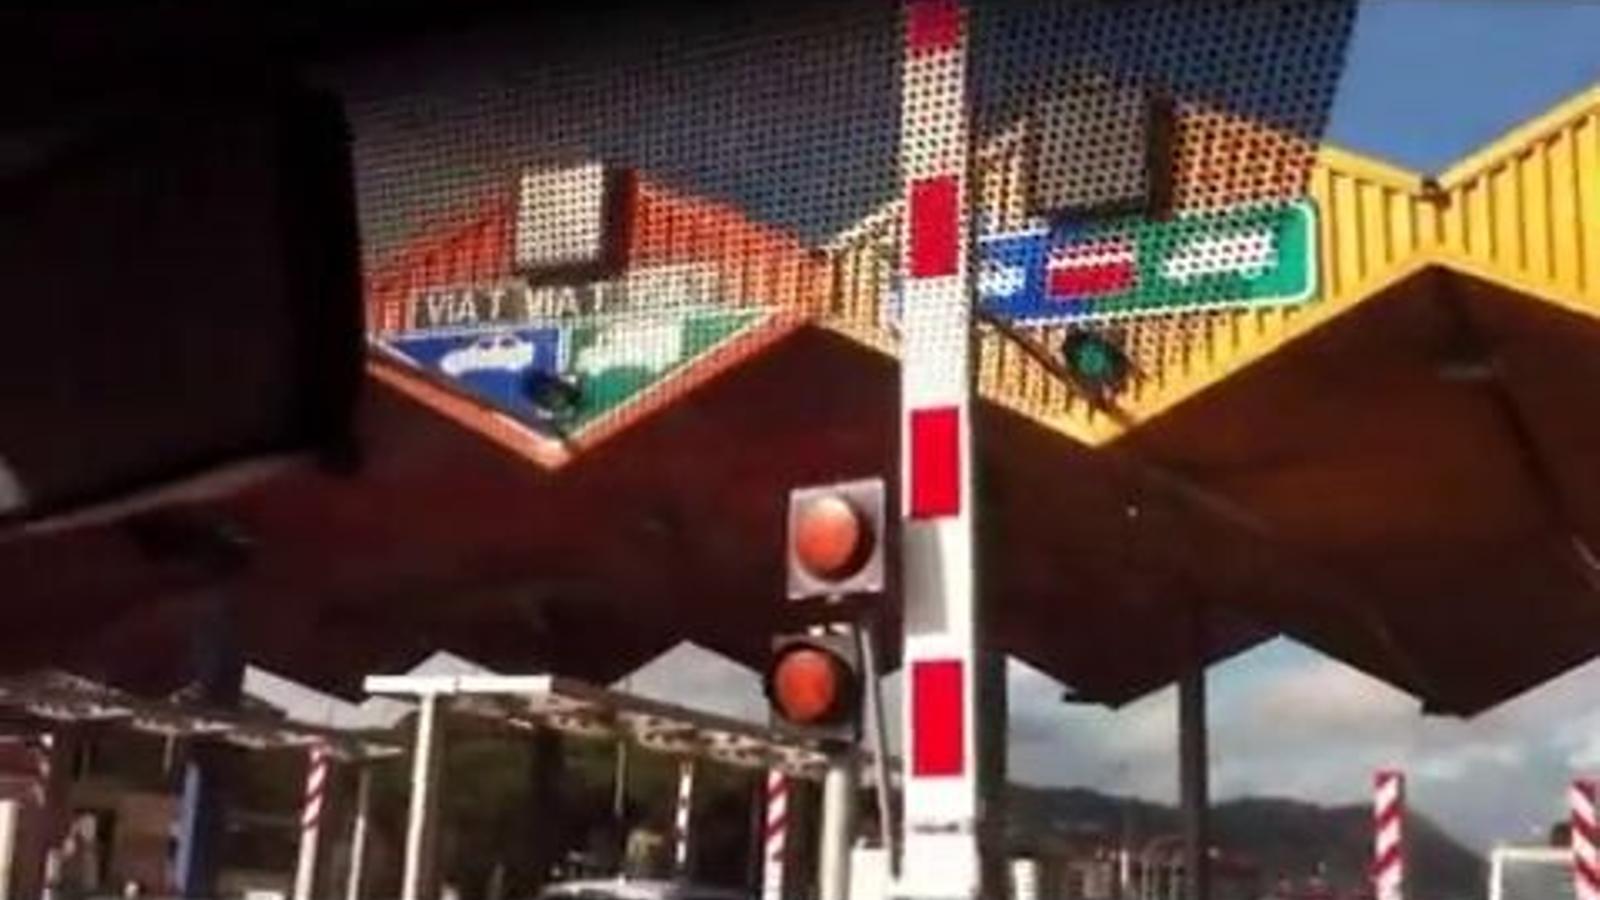 Un nou conductor revoltat contra els peatges: No vull pagar a la C-32, a Vilassar